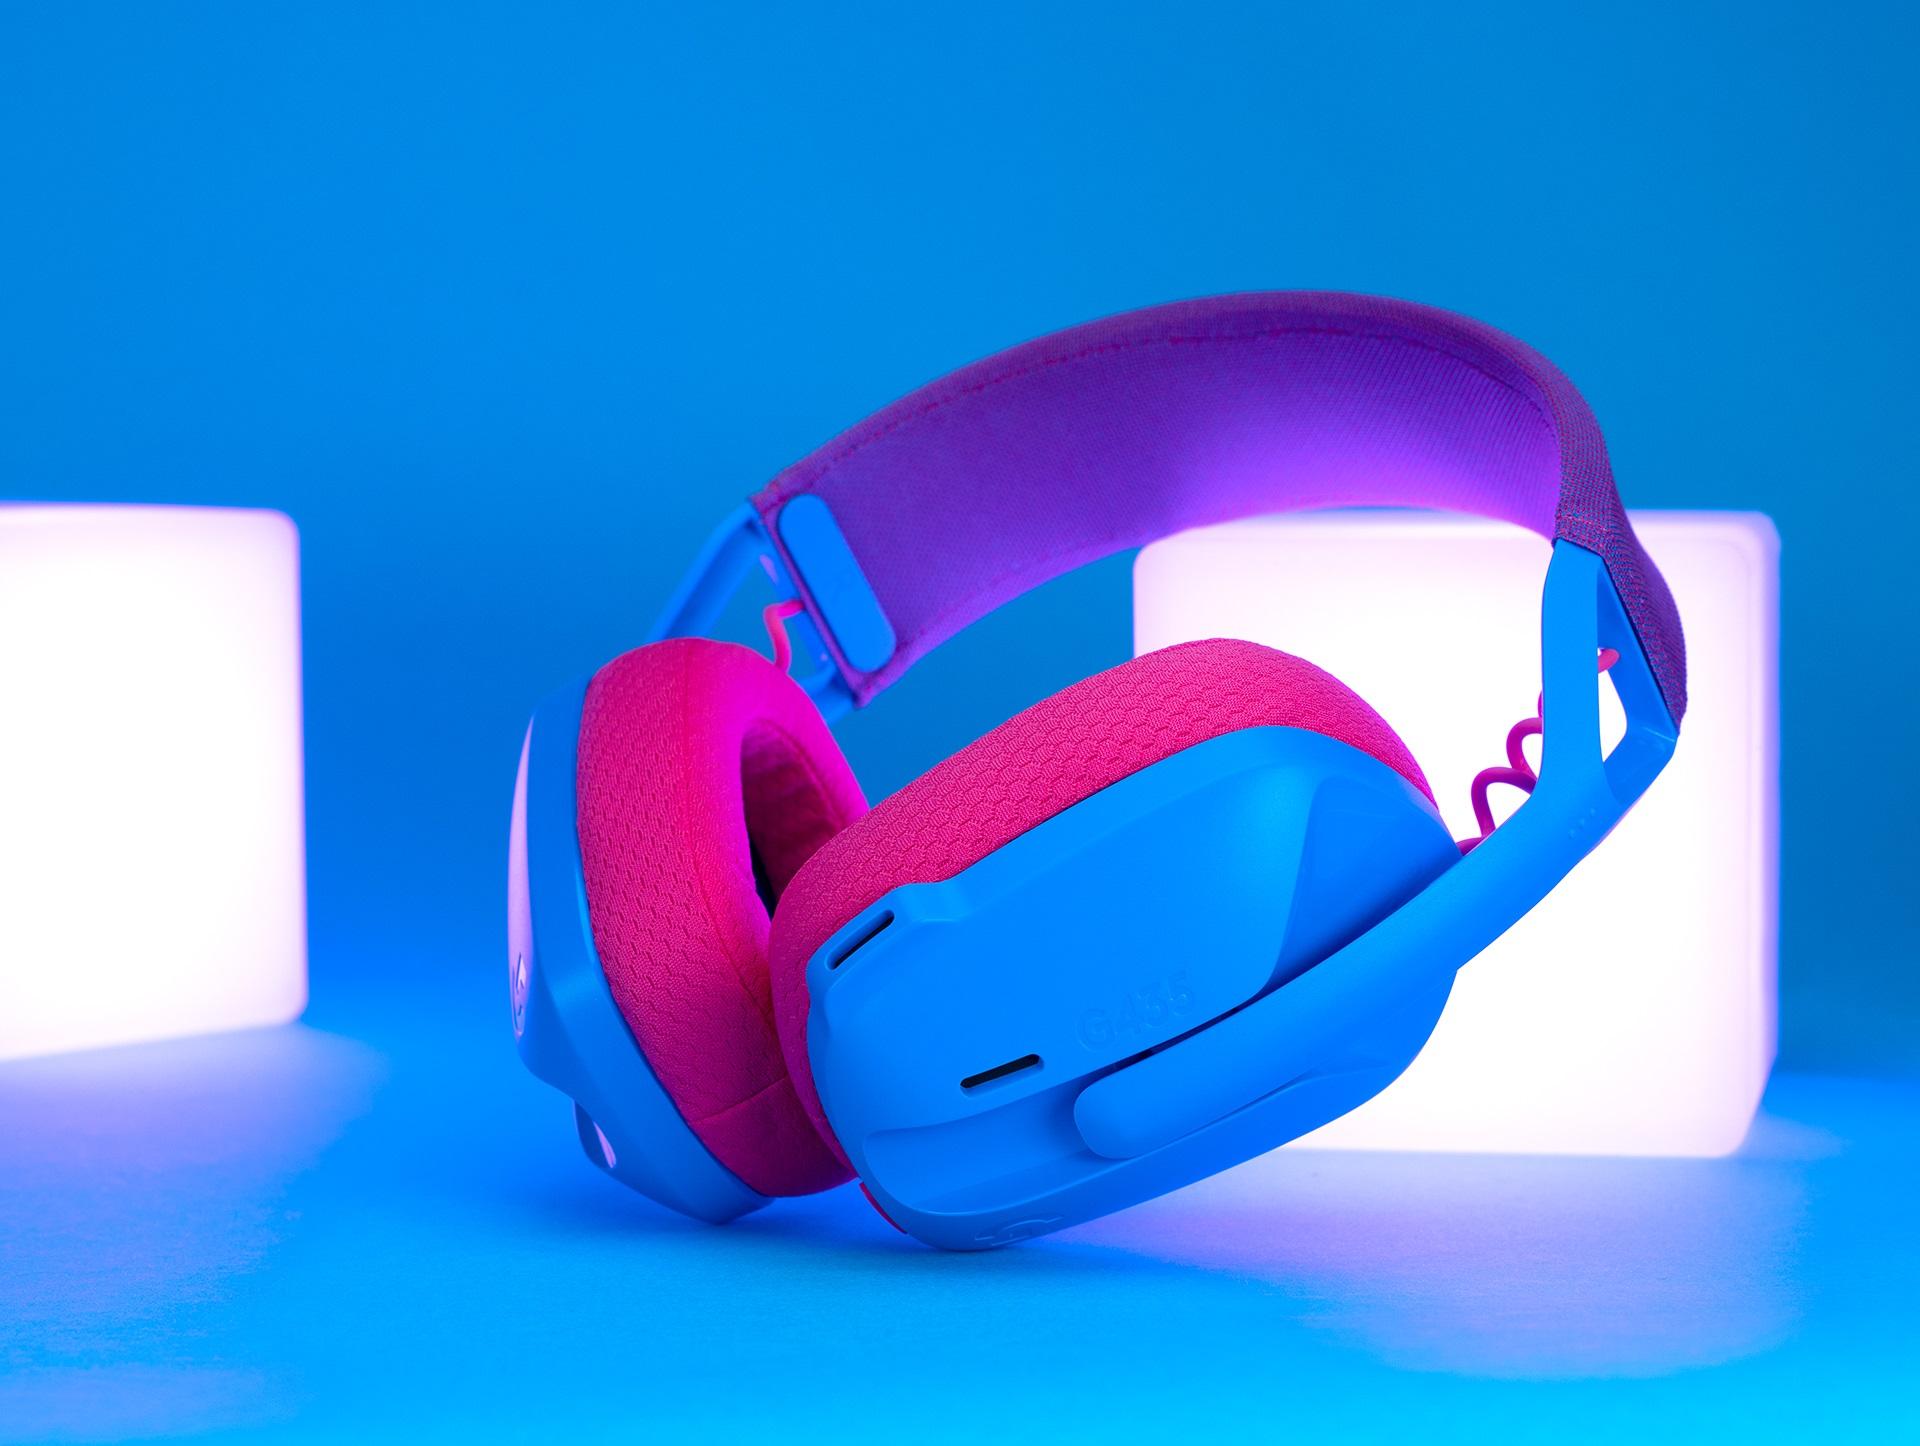 lekkie słuchawki dla graczy Logitech G435